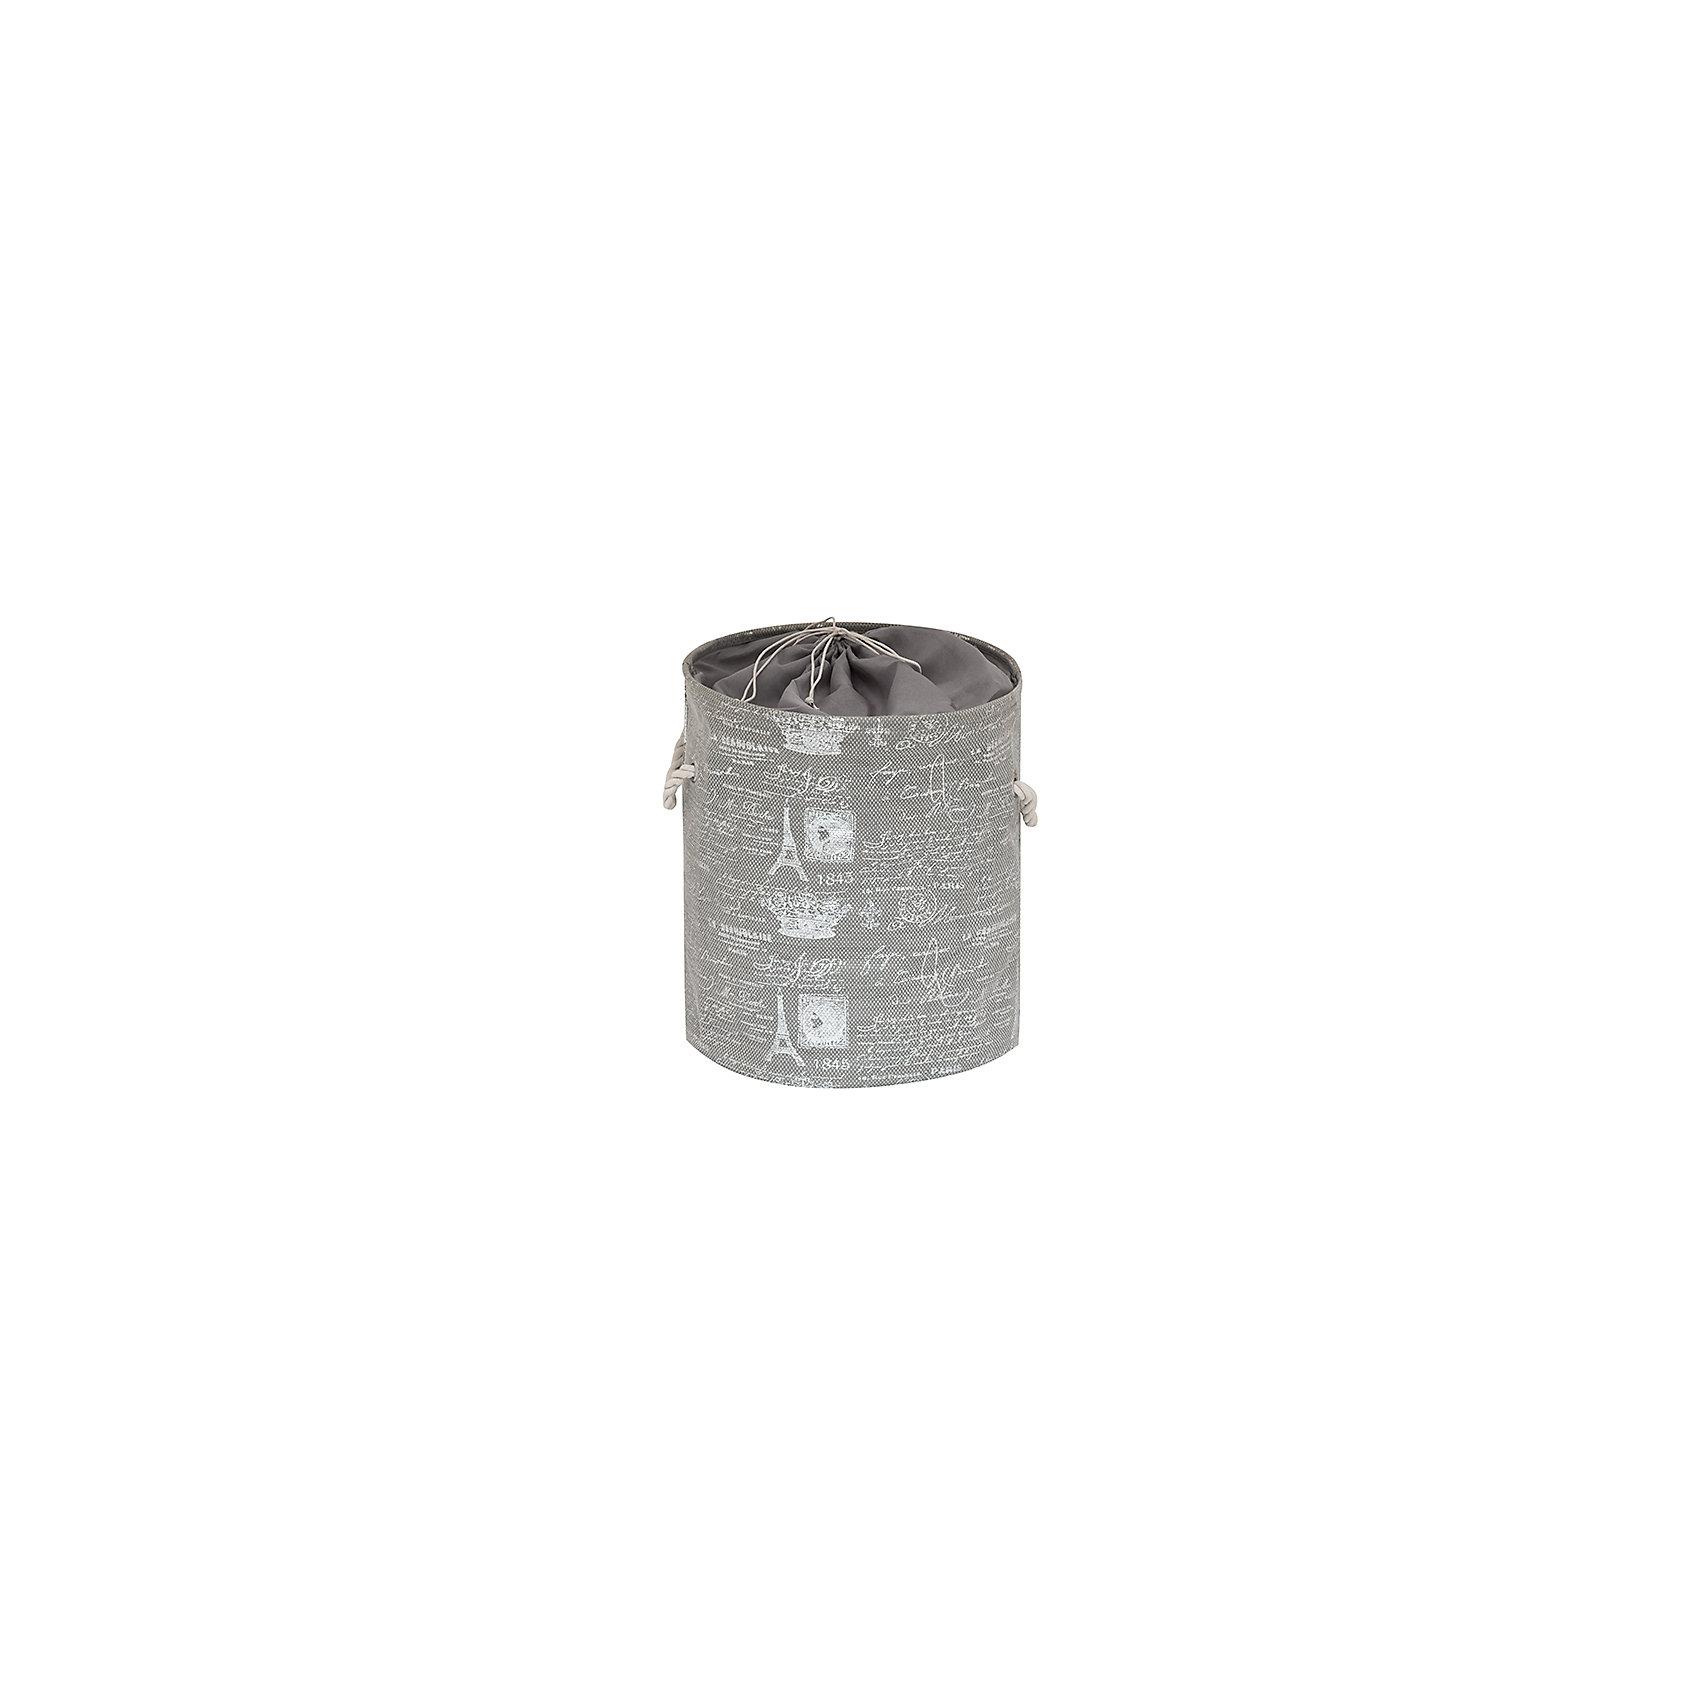 Кофр складной для хранения 38*38*45 см. Париж серебро, EL CasaПорядок в детской<br>Кофр складной мягкий для хранения имеет форму цилиндра. Не имеет жестких вставок, при этом держит форму и имеет эстетичный вид. Легко слкадывается и раскладывается, подходит для размещения в шкафу. Кофр имеет ручки для удобства -  в виде канатов. Тканевая крышка имеет затягивающиеся завязки для защиты от пыли и солнечных лучей.<br><br>Ширина мм: 380<br>Глубина мм: 380<br>Высота мм: 70<br>Вес г: 500<br>Возраст от месяцев: 0<br>Возраст до месяцев: 1188<br>Пол: Унисекс<br>Возраст: Детский<br>SKU: 6668722